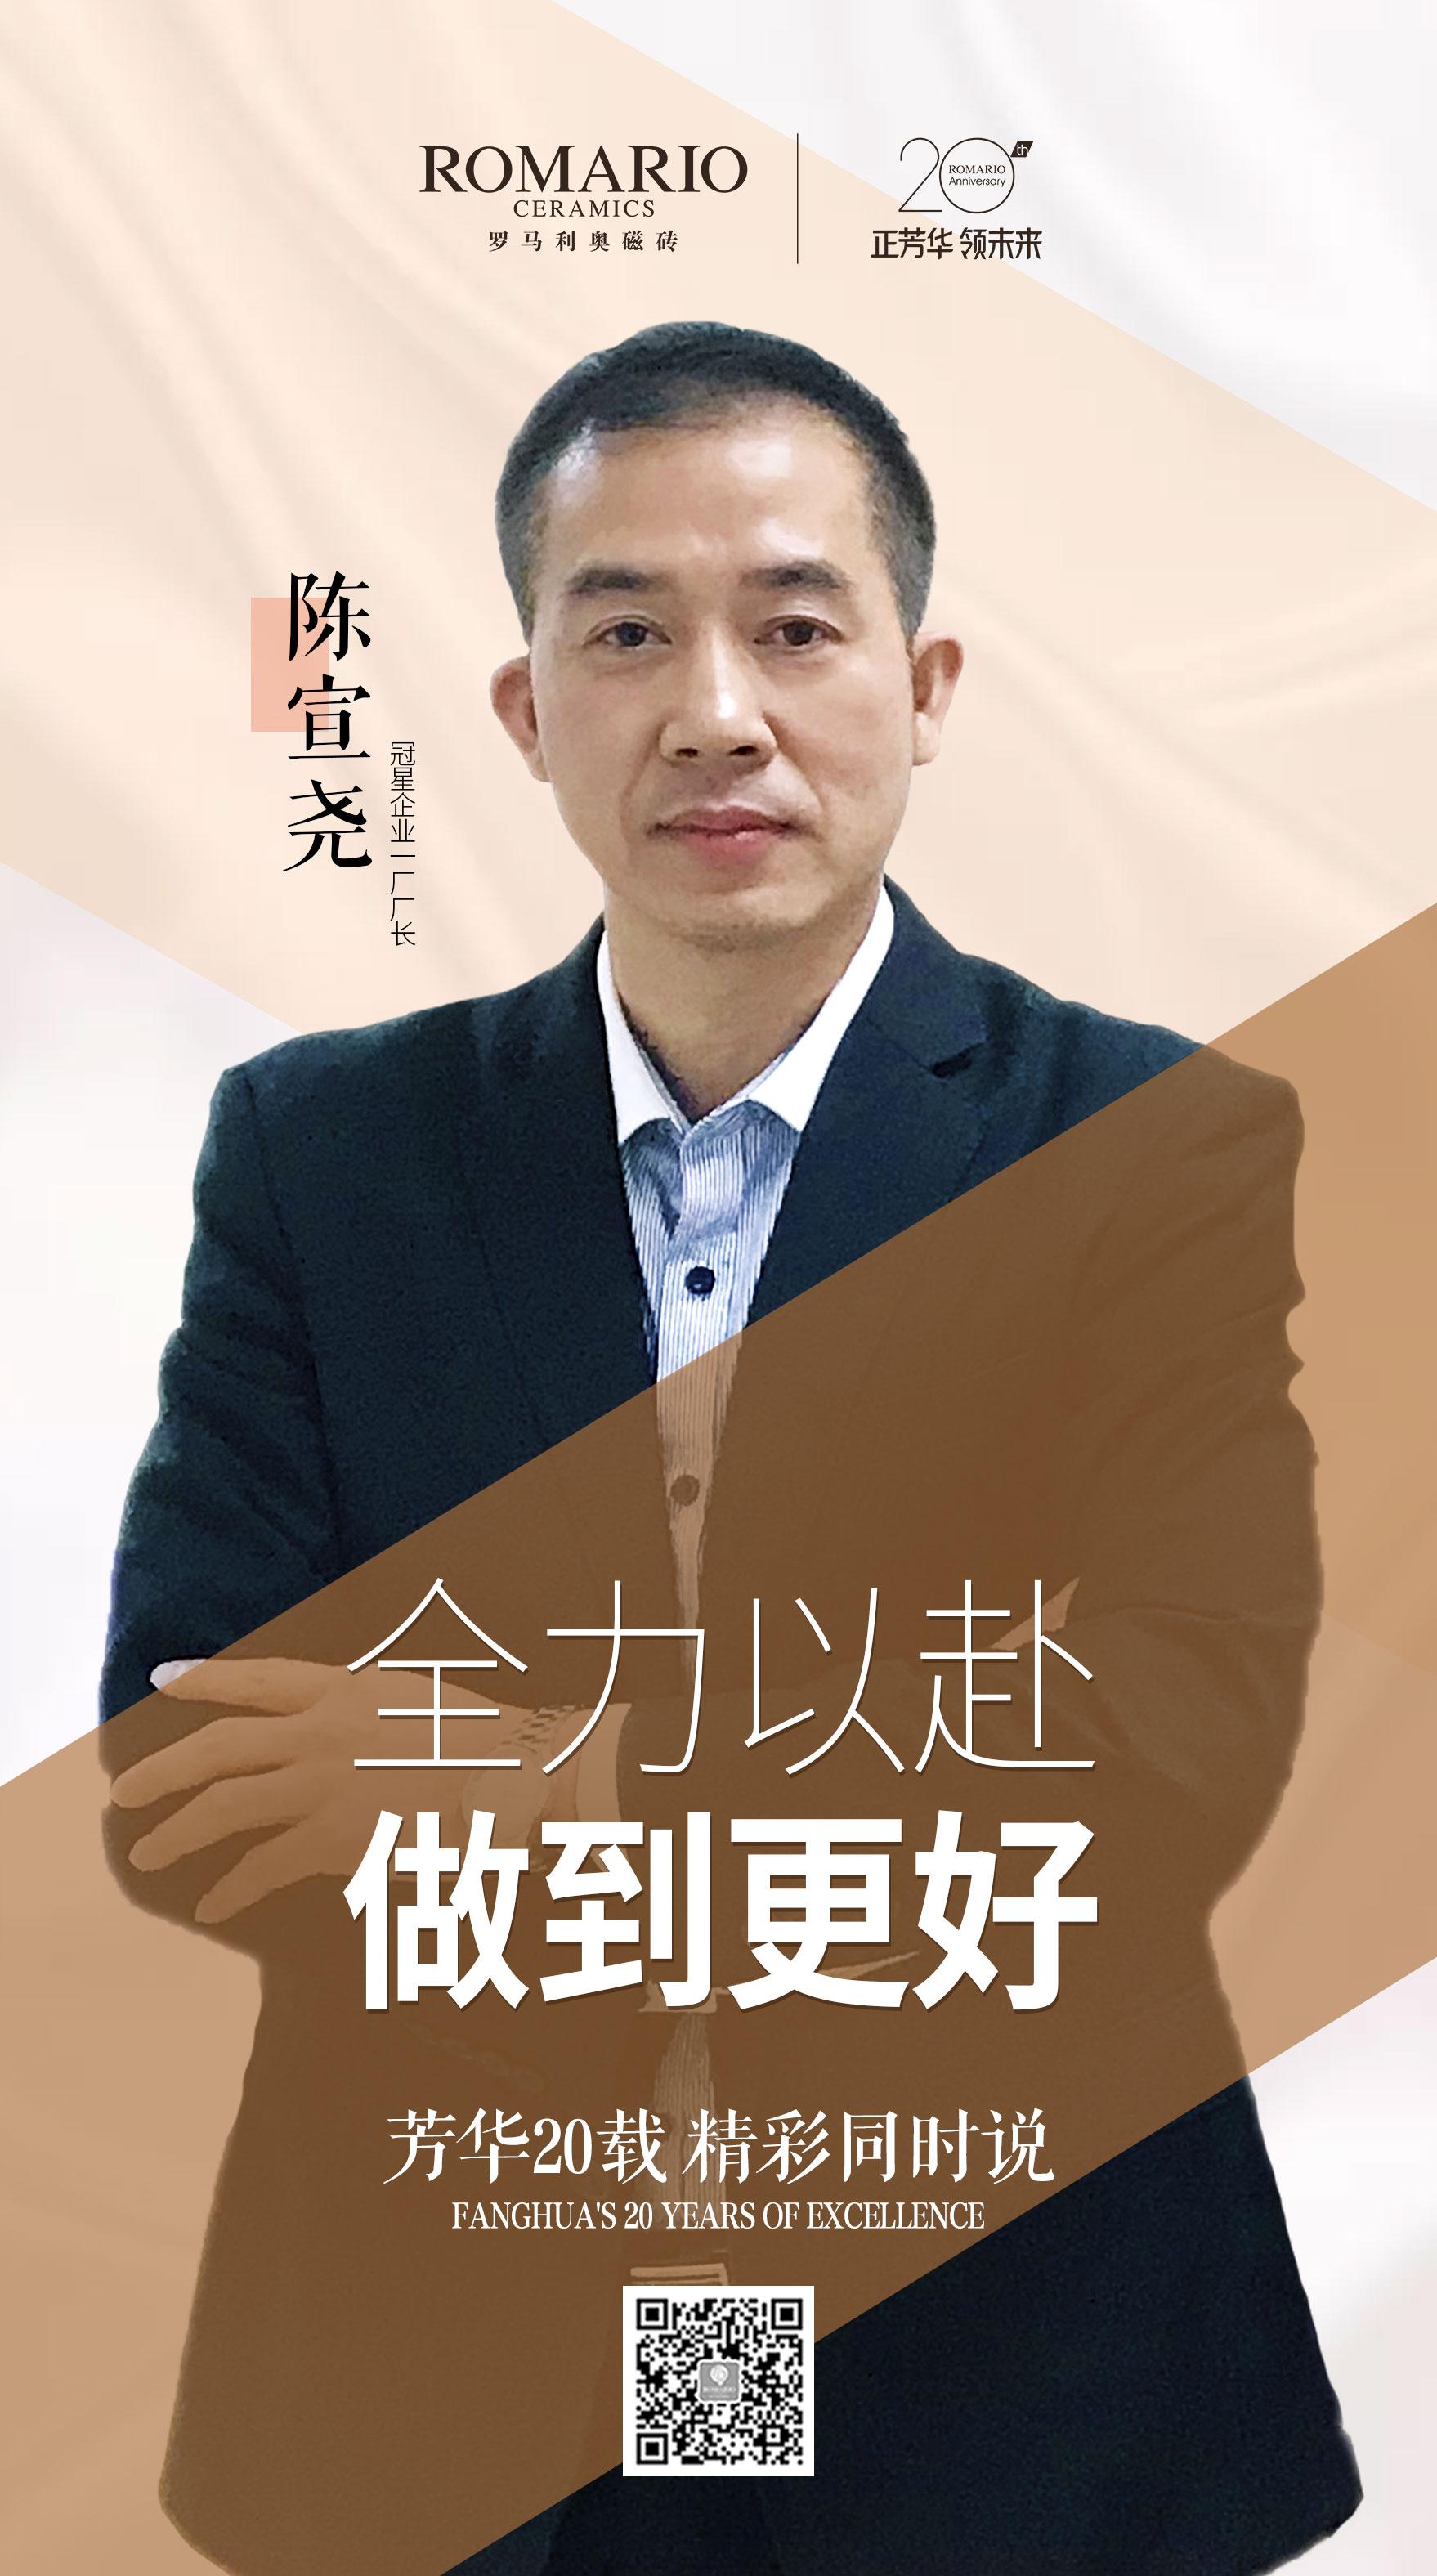 4-冠星企业一厂厂长陈宣尧